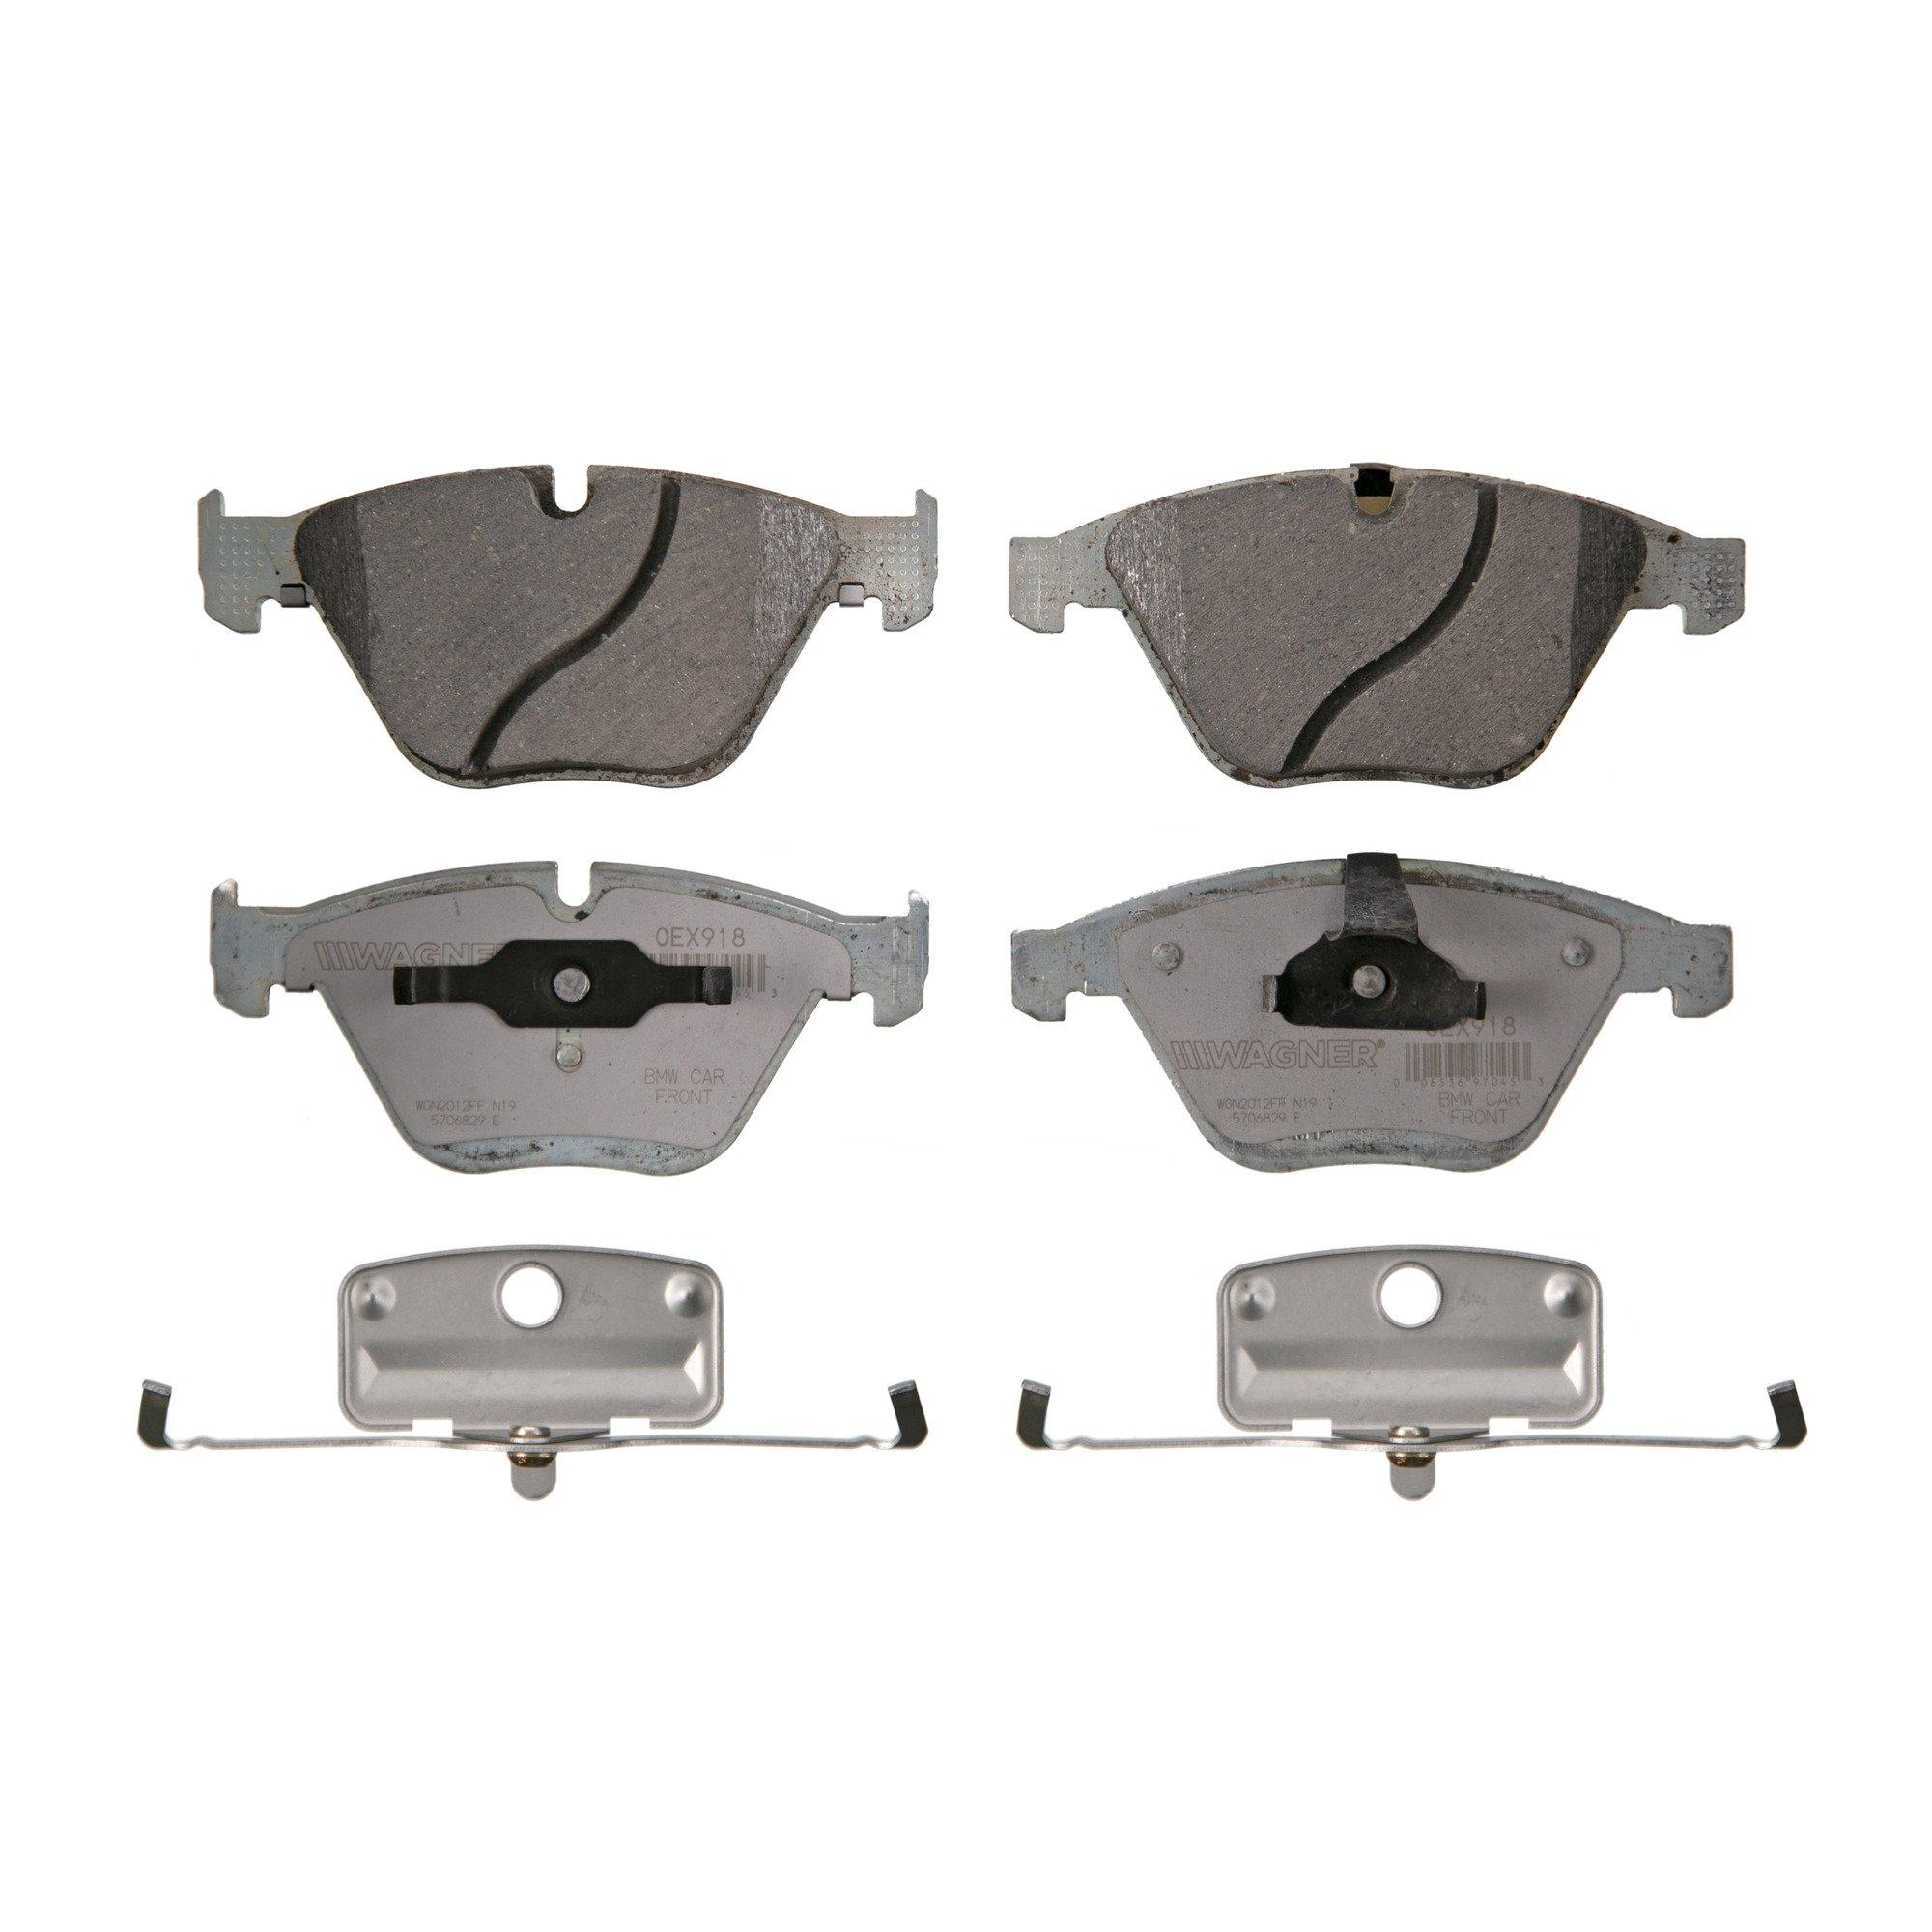 Disc Brake Pad Set-OEX Disc Brake Pad Front Wagner OEX1123